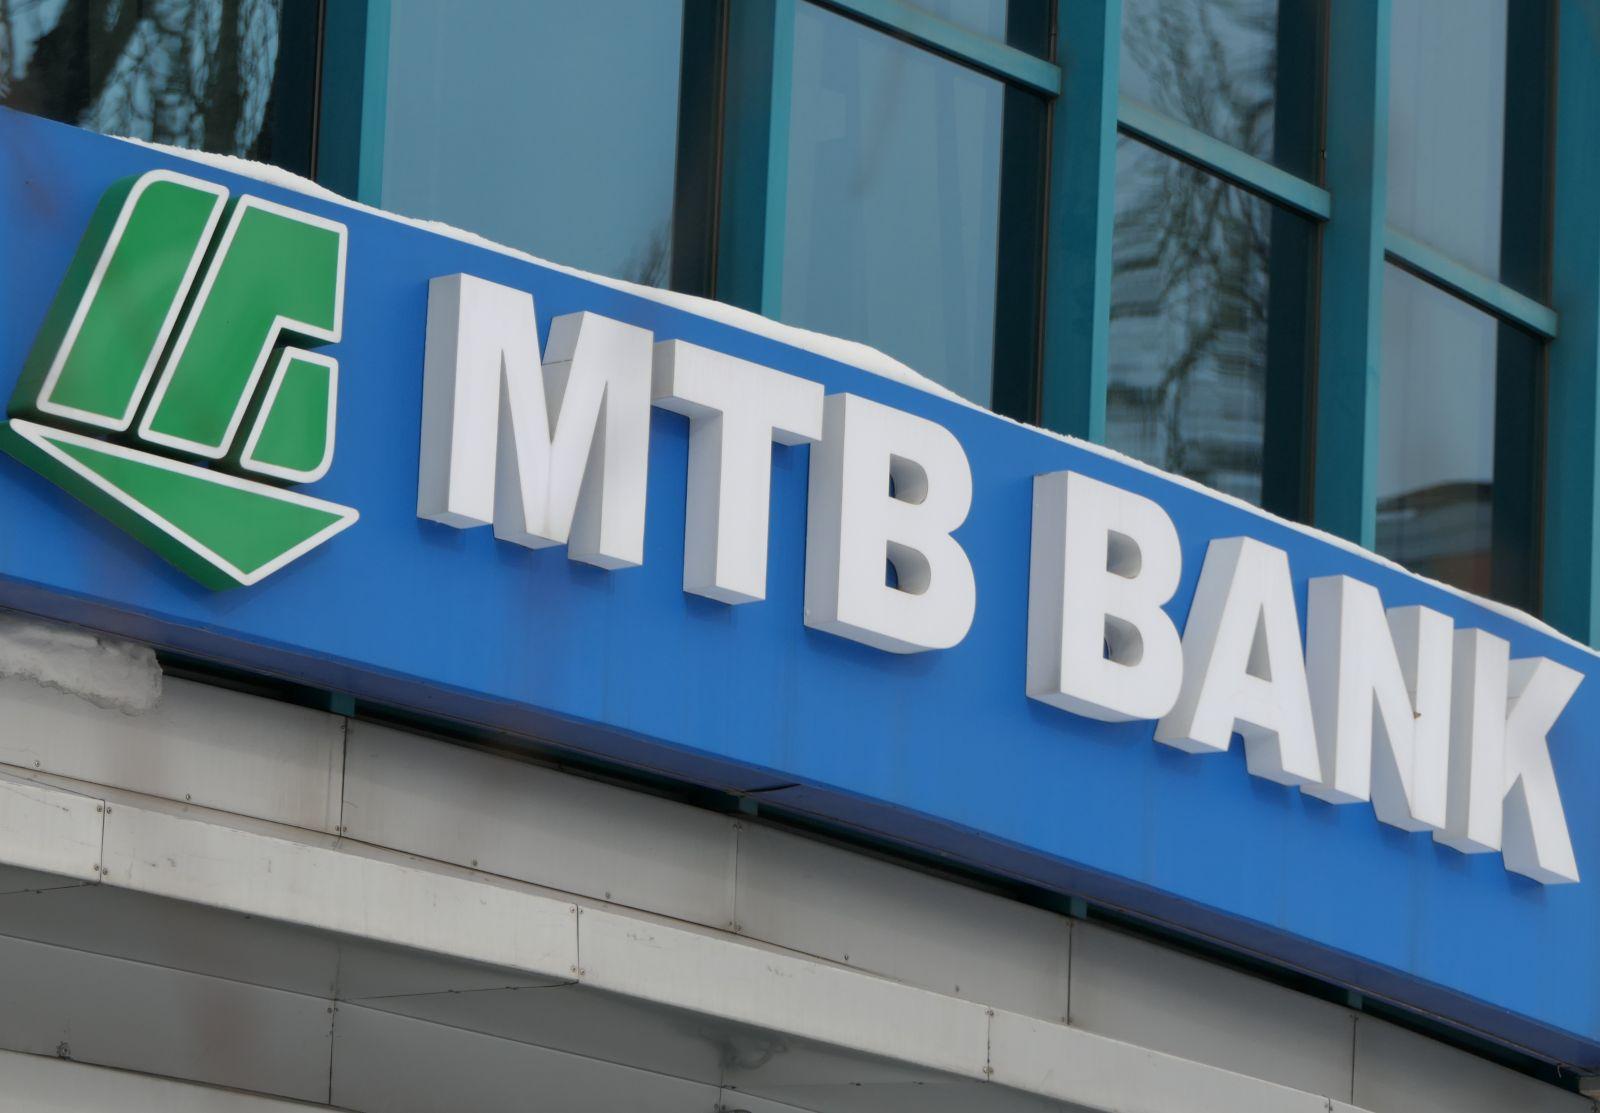 Верховный Суд отменил решение НБУ о наложении штрафа на МТБ БАНК